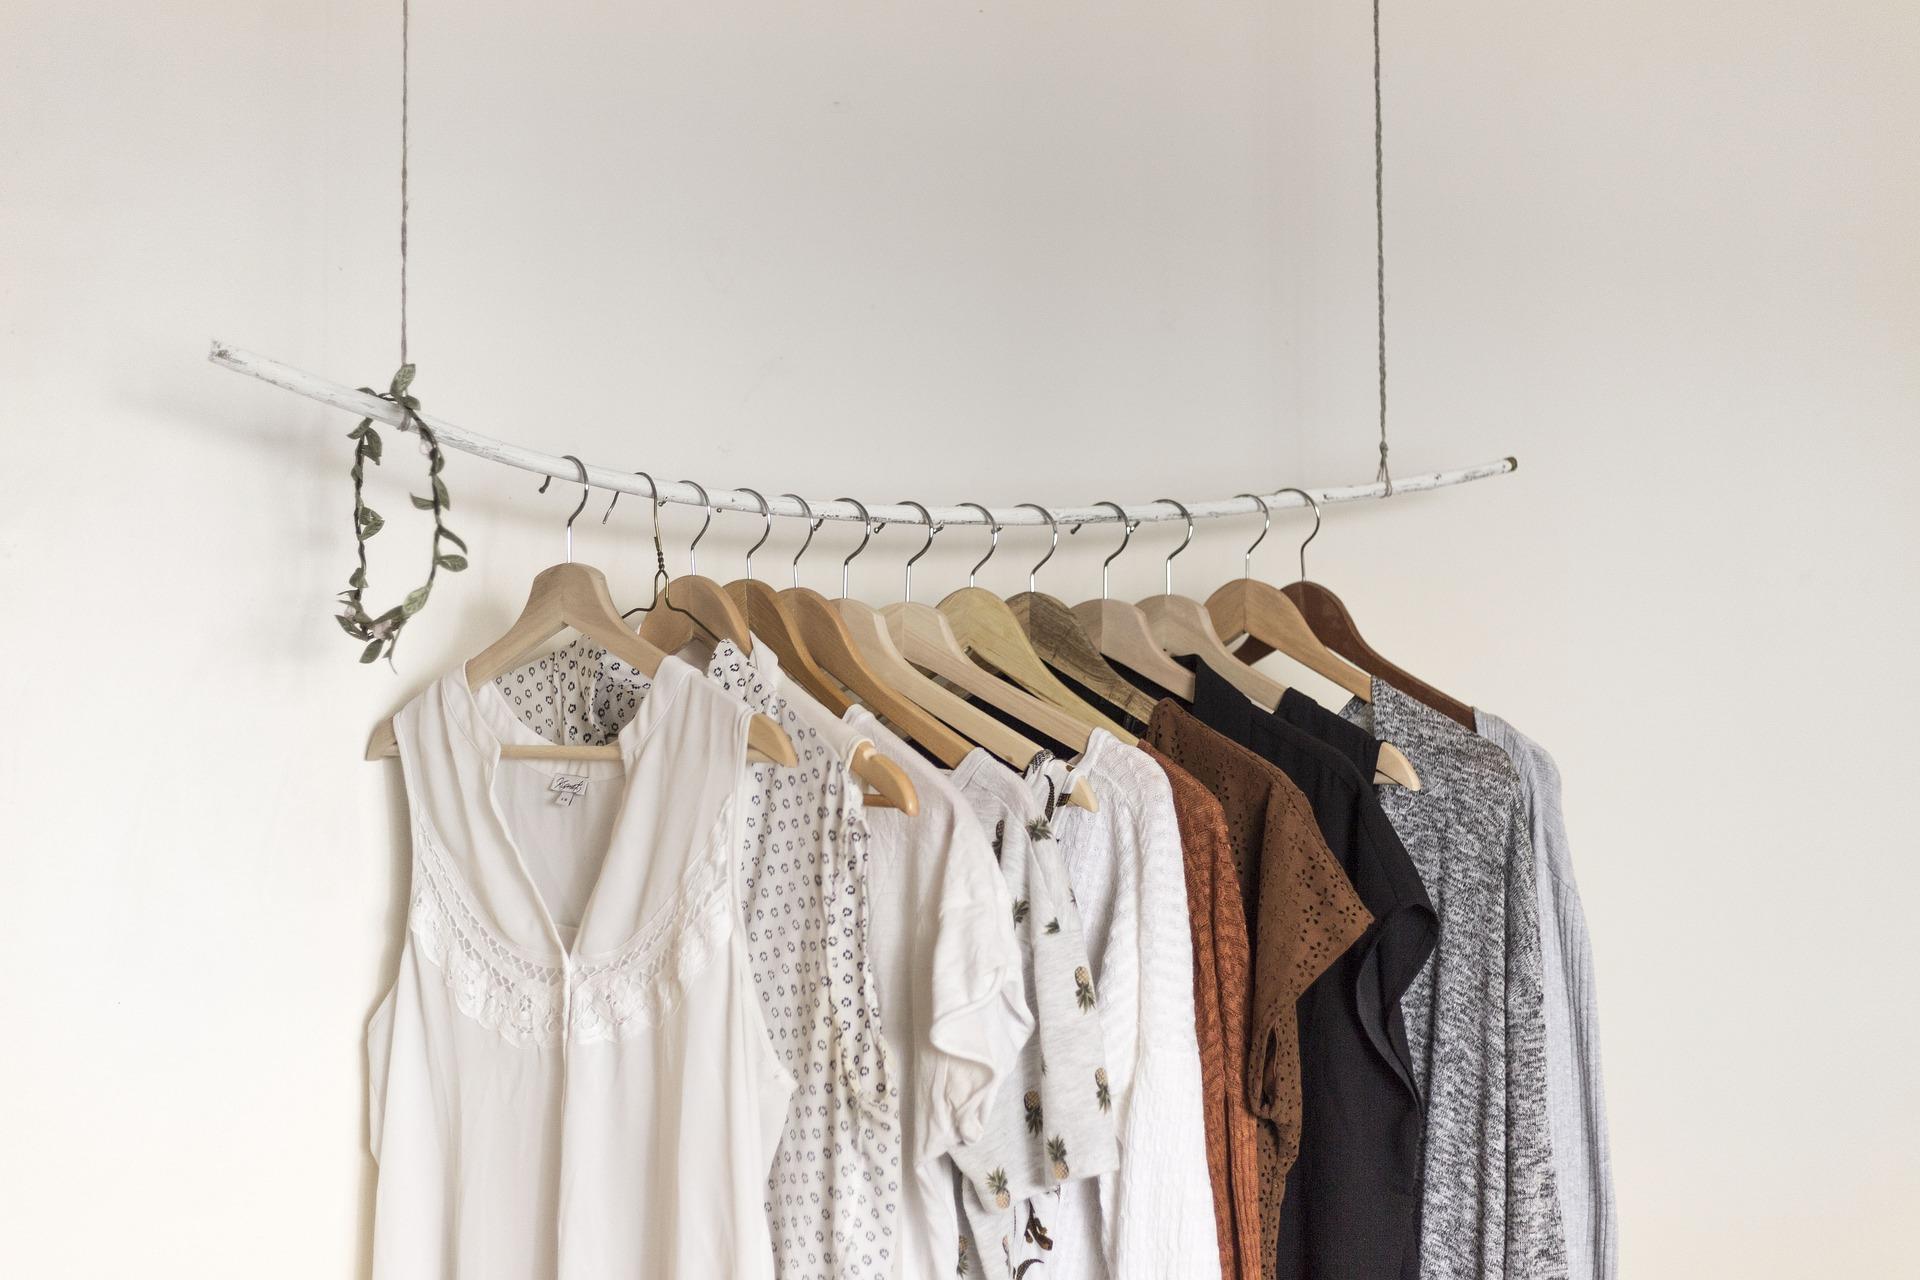 Kleiderstange nur mit ausgewählten Stücken